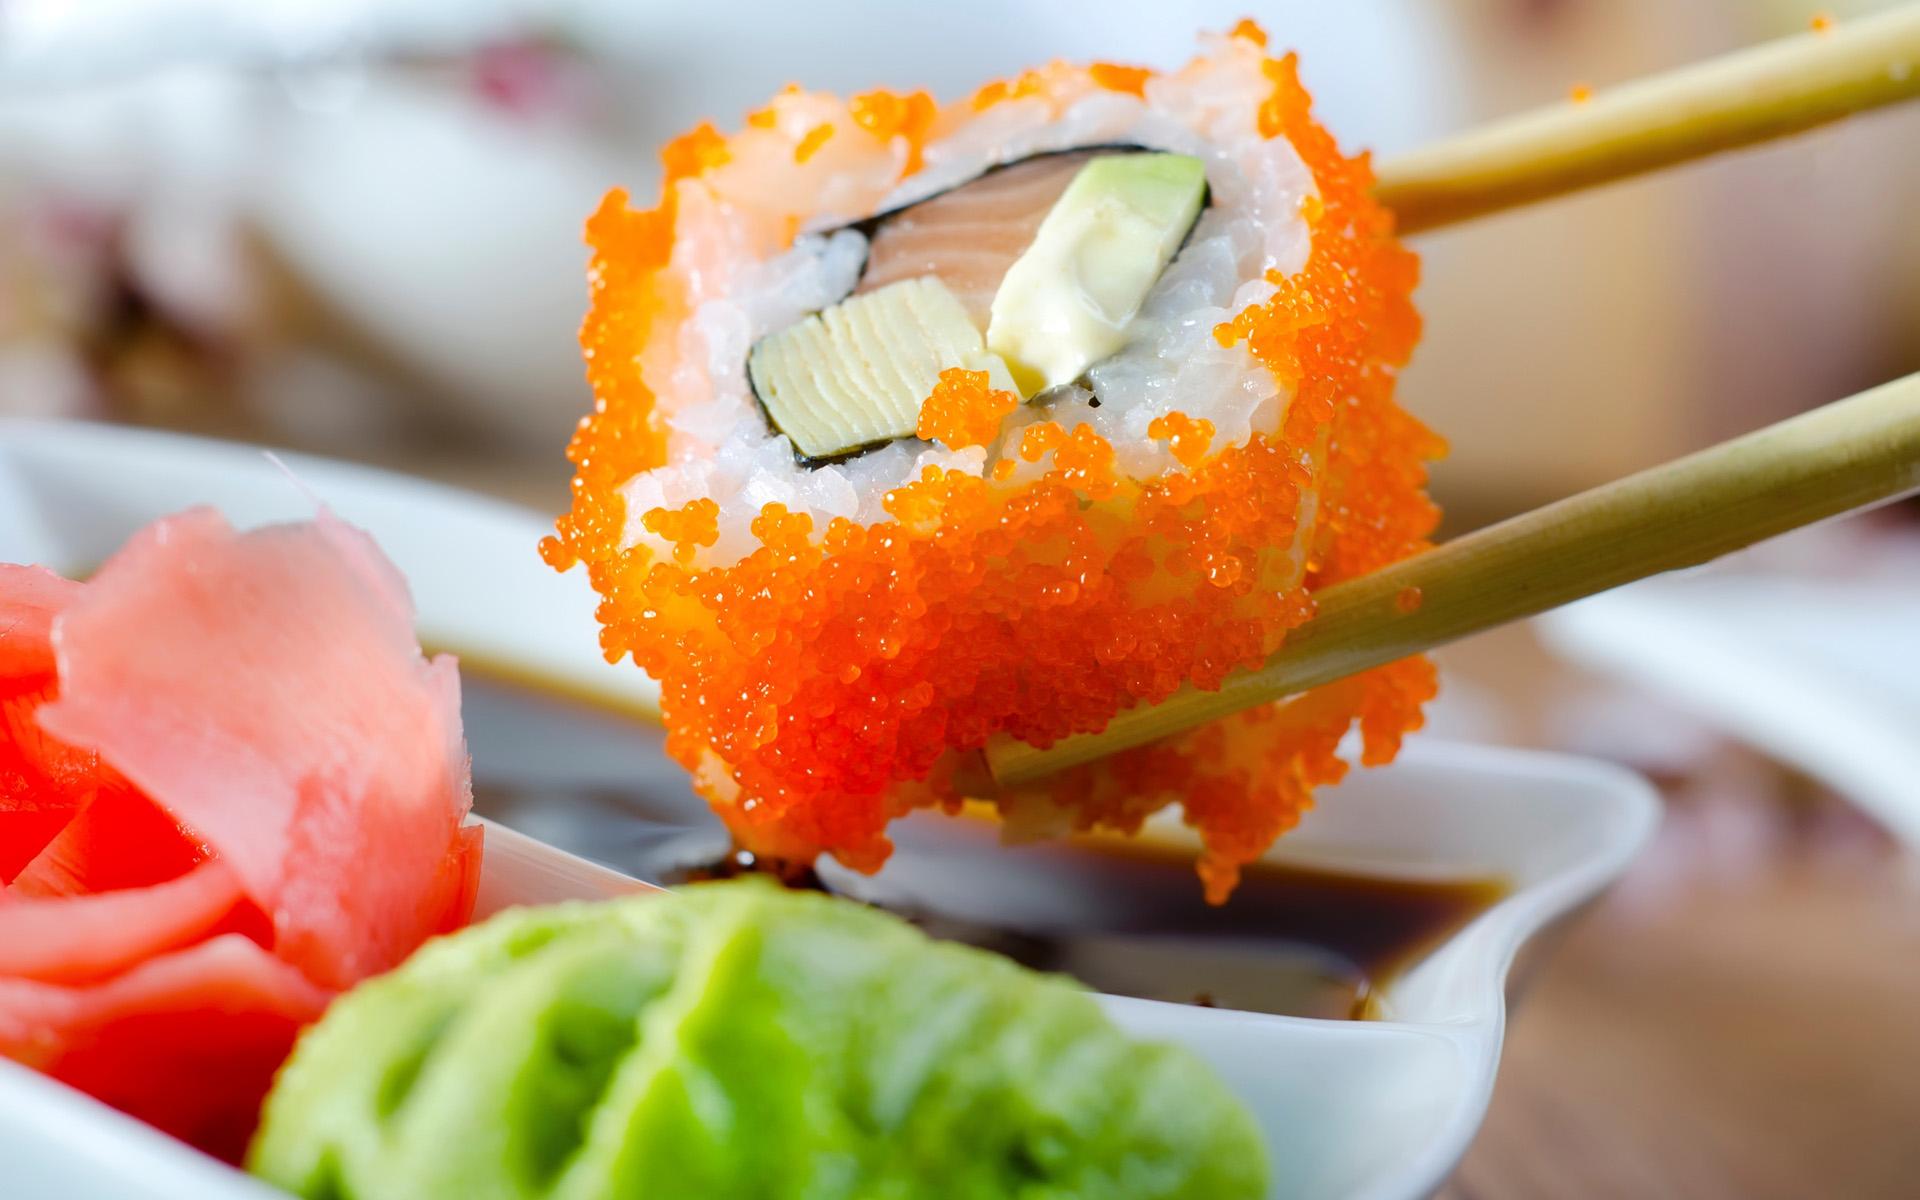 Evita el Anisakis: come pescado seguro